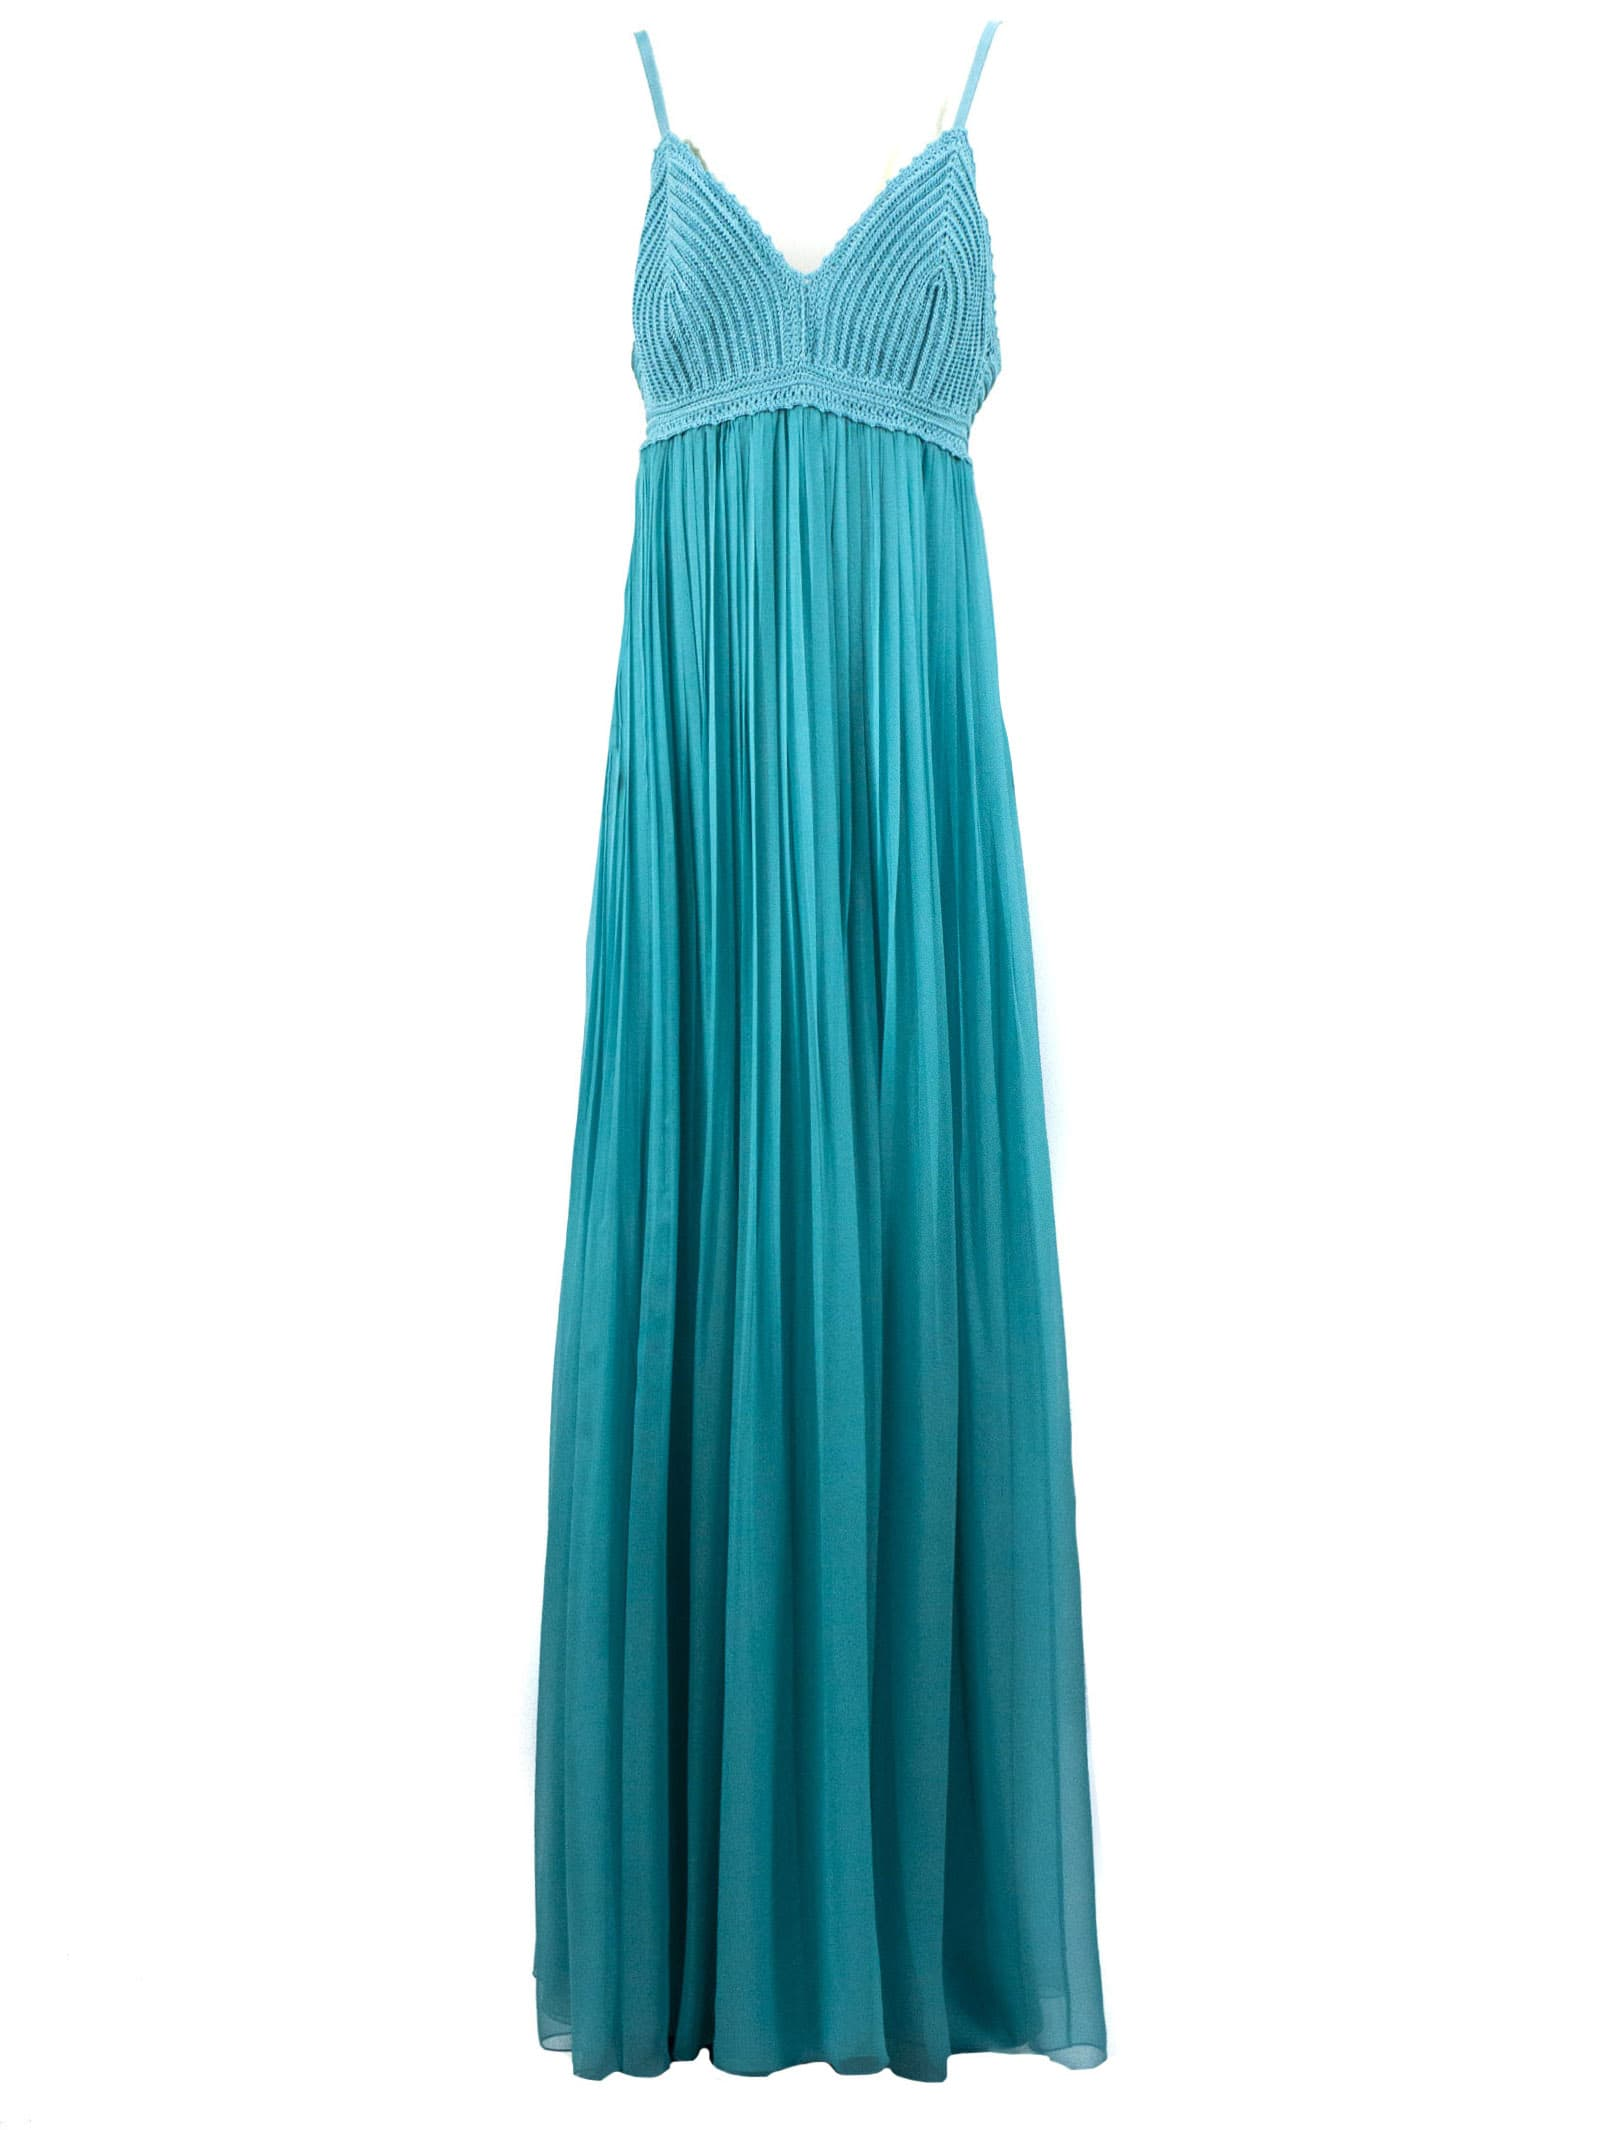 Alberta Ferretti Turquoise Silk Chiffon Dress